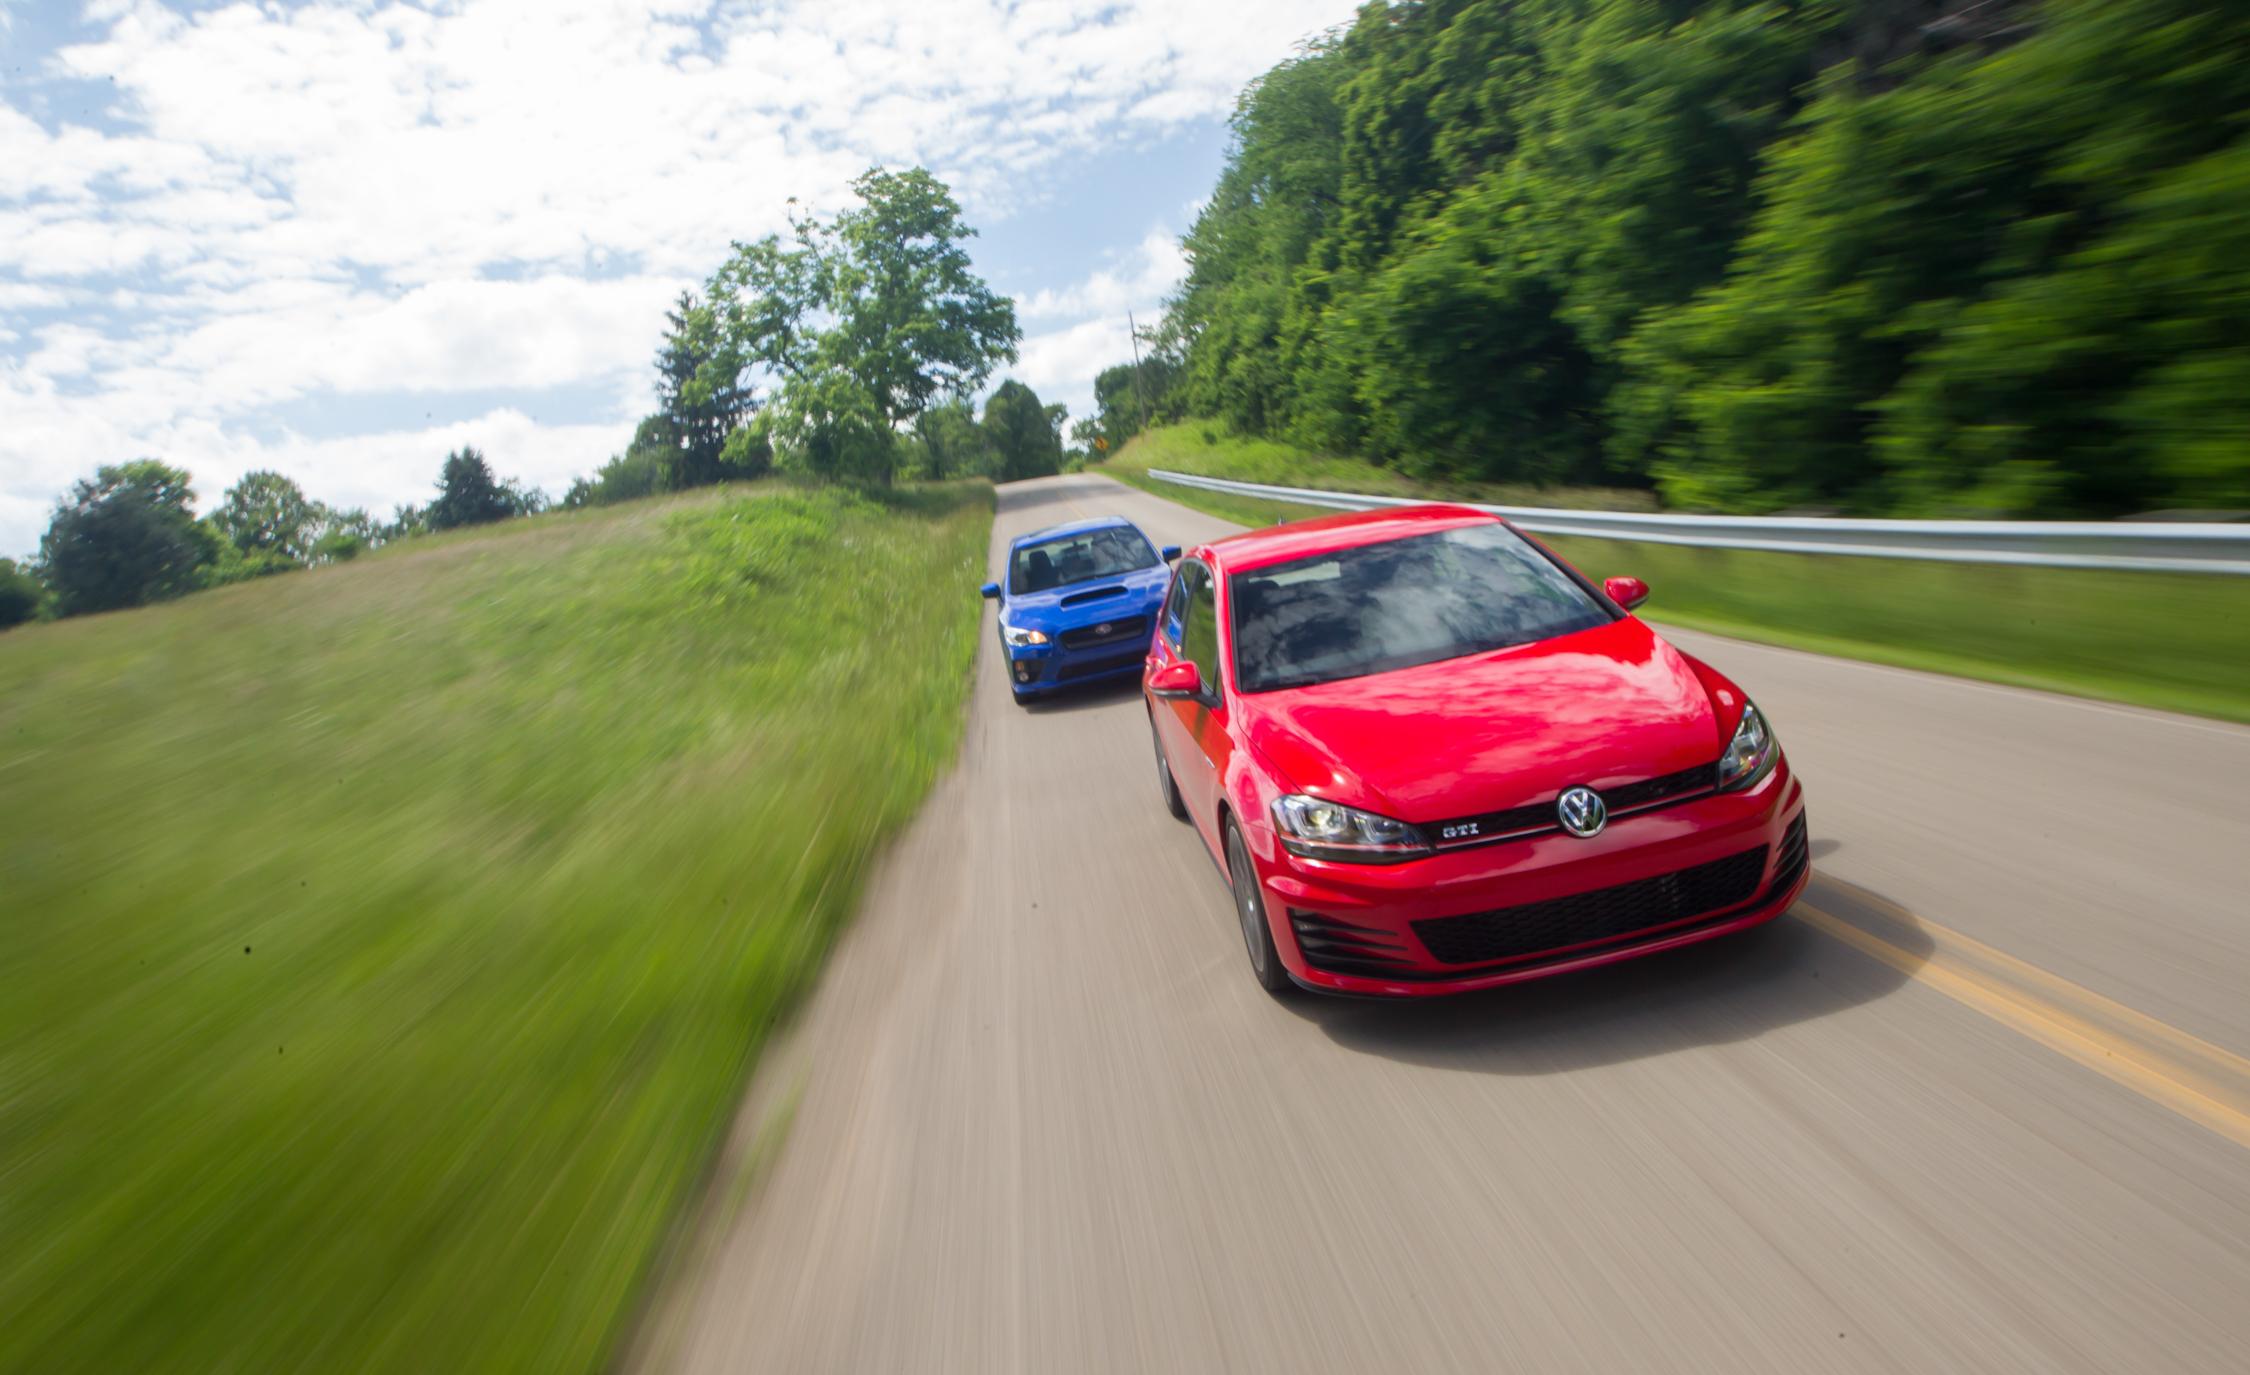 2015 Volkswagen GTI vs 2015 Subaru WRX Head 2 Head